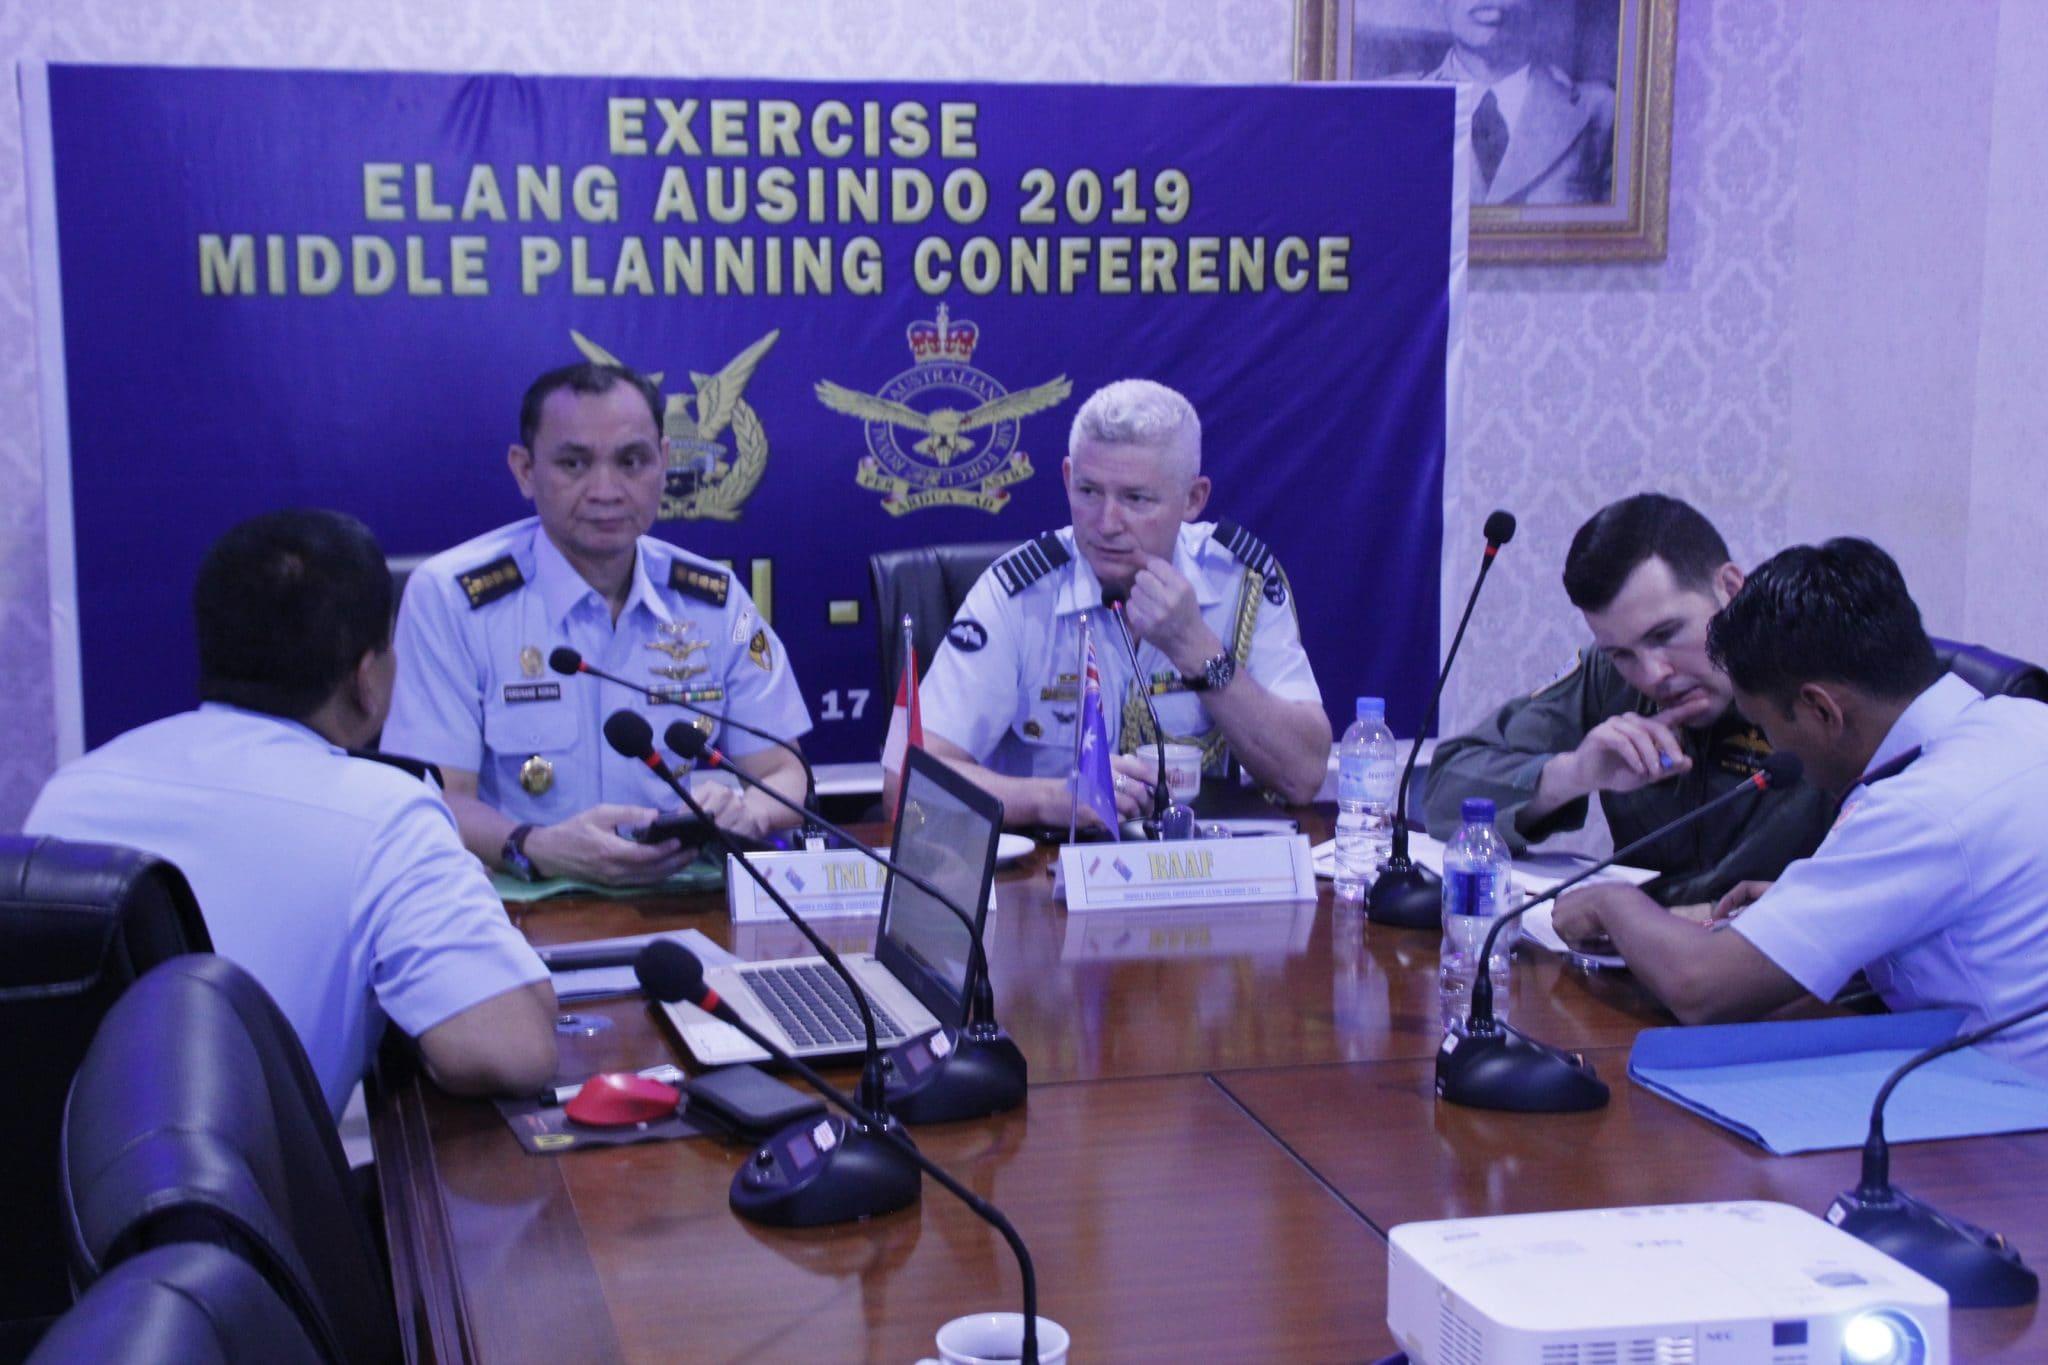 Rapat Tim Excercise Elang Ausindo Tahun 2019 di Lanud Sam Ratulangi